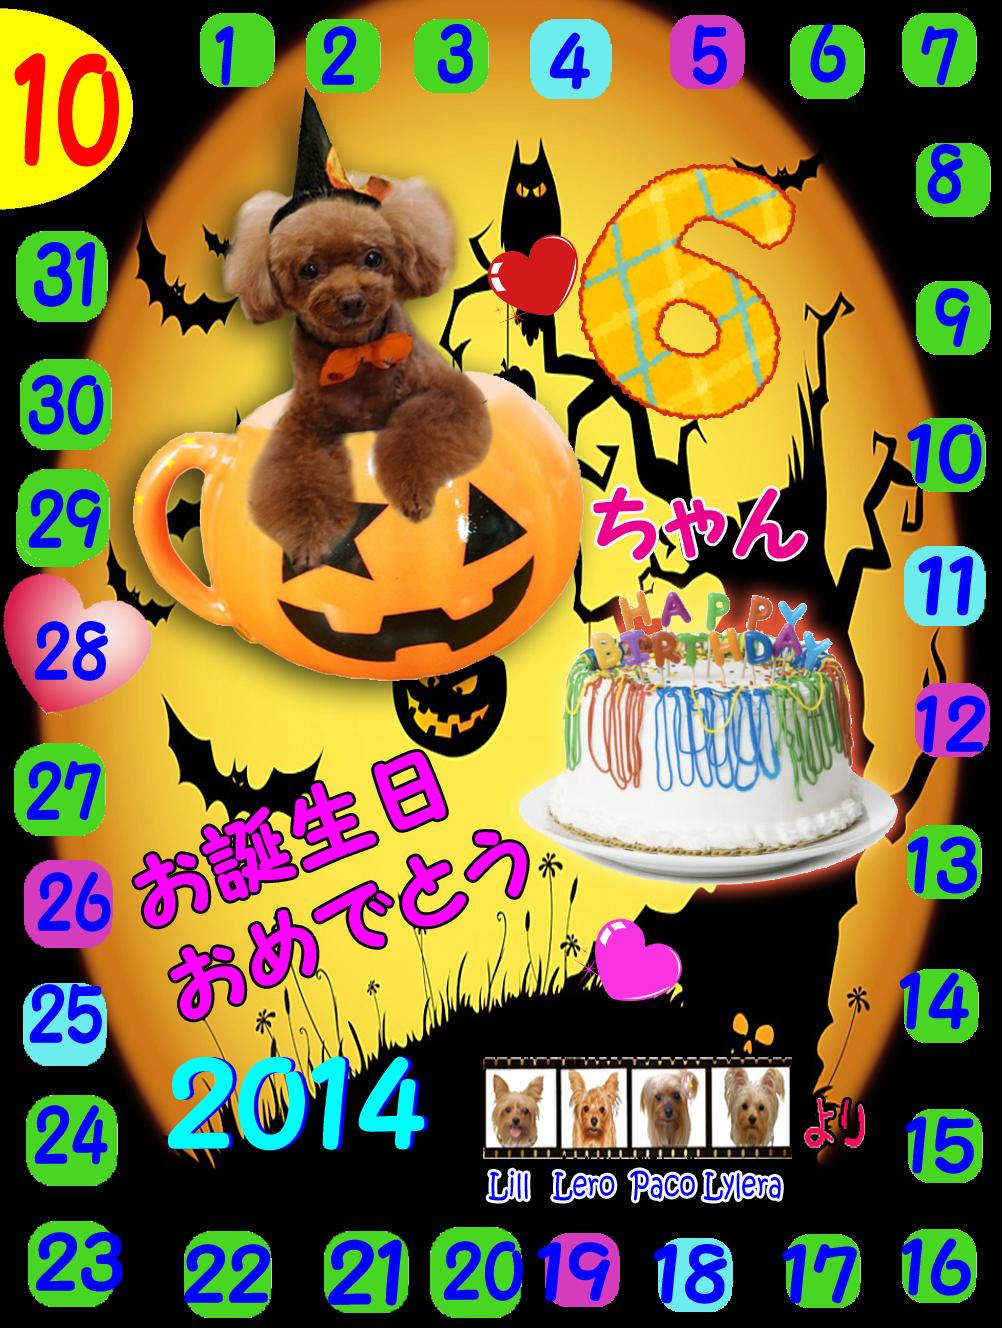 10-28-2014そらちゃん誕生日カード